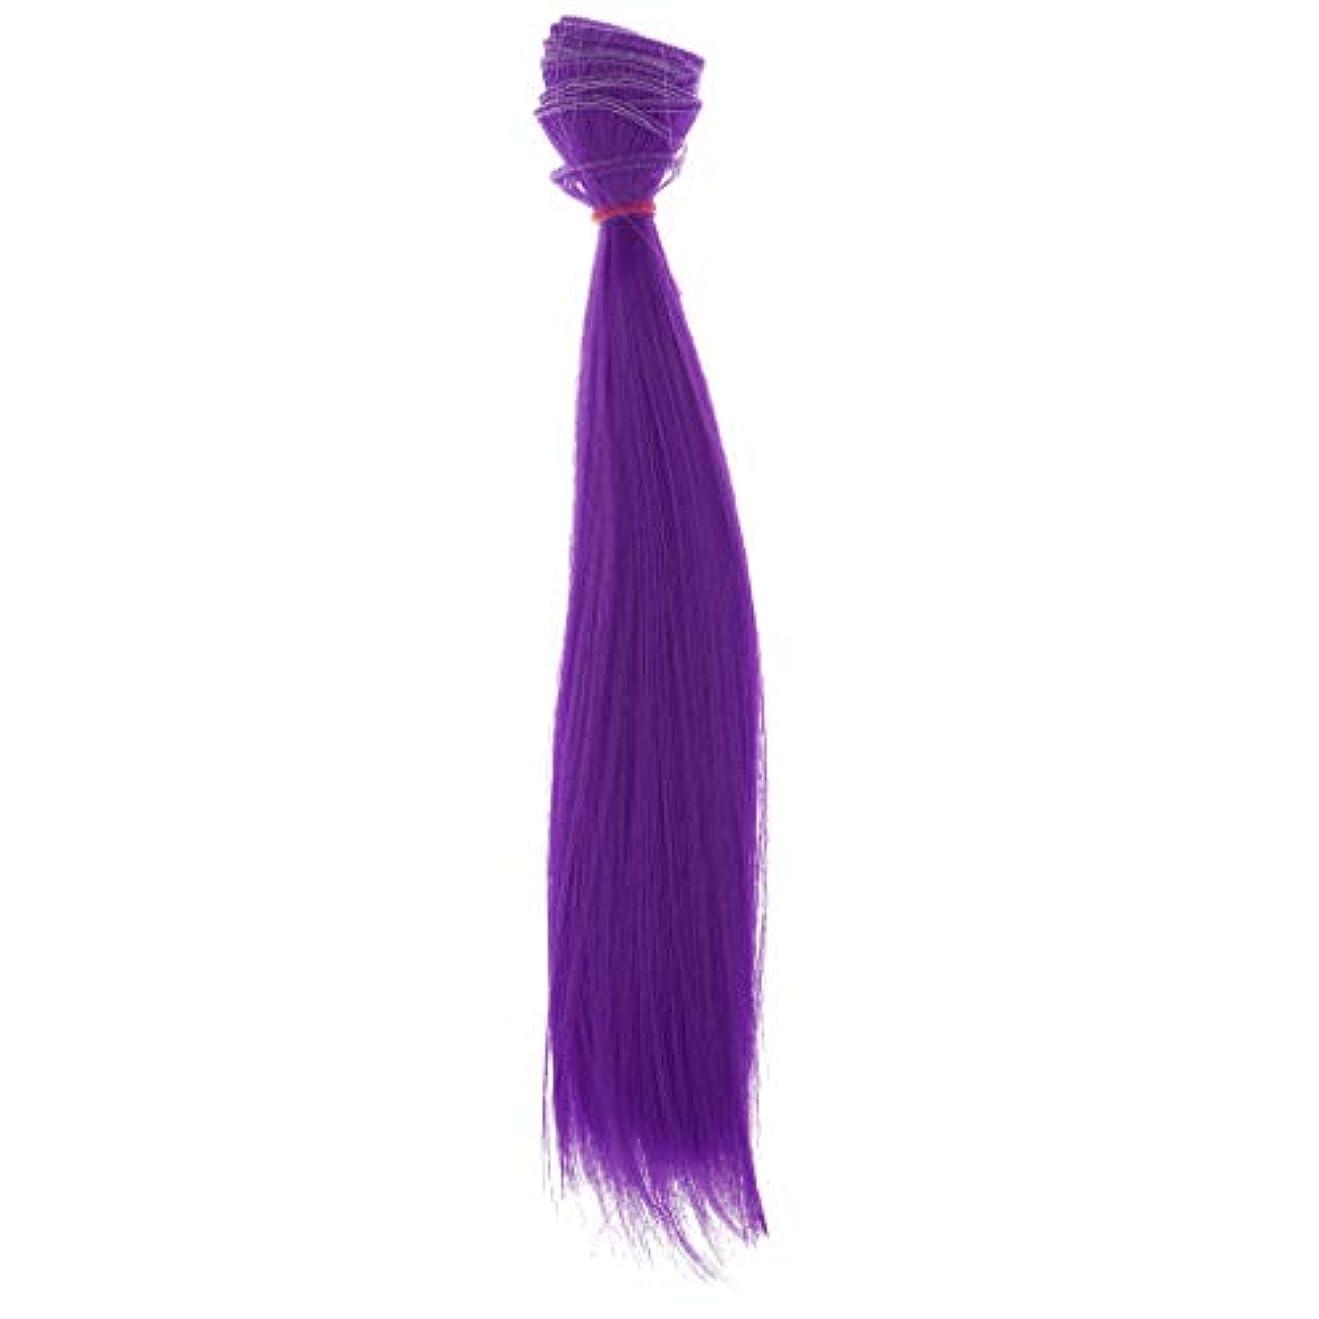 放散するミスええTachiuwa 25cmロングストレートドールDIYヘアエクステンションは、すべての人形8色に適合 - 紫